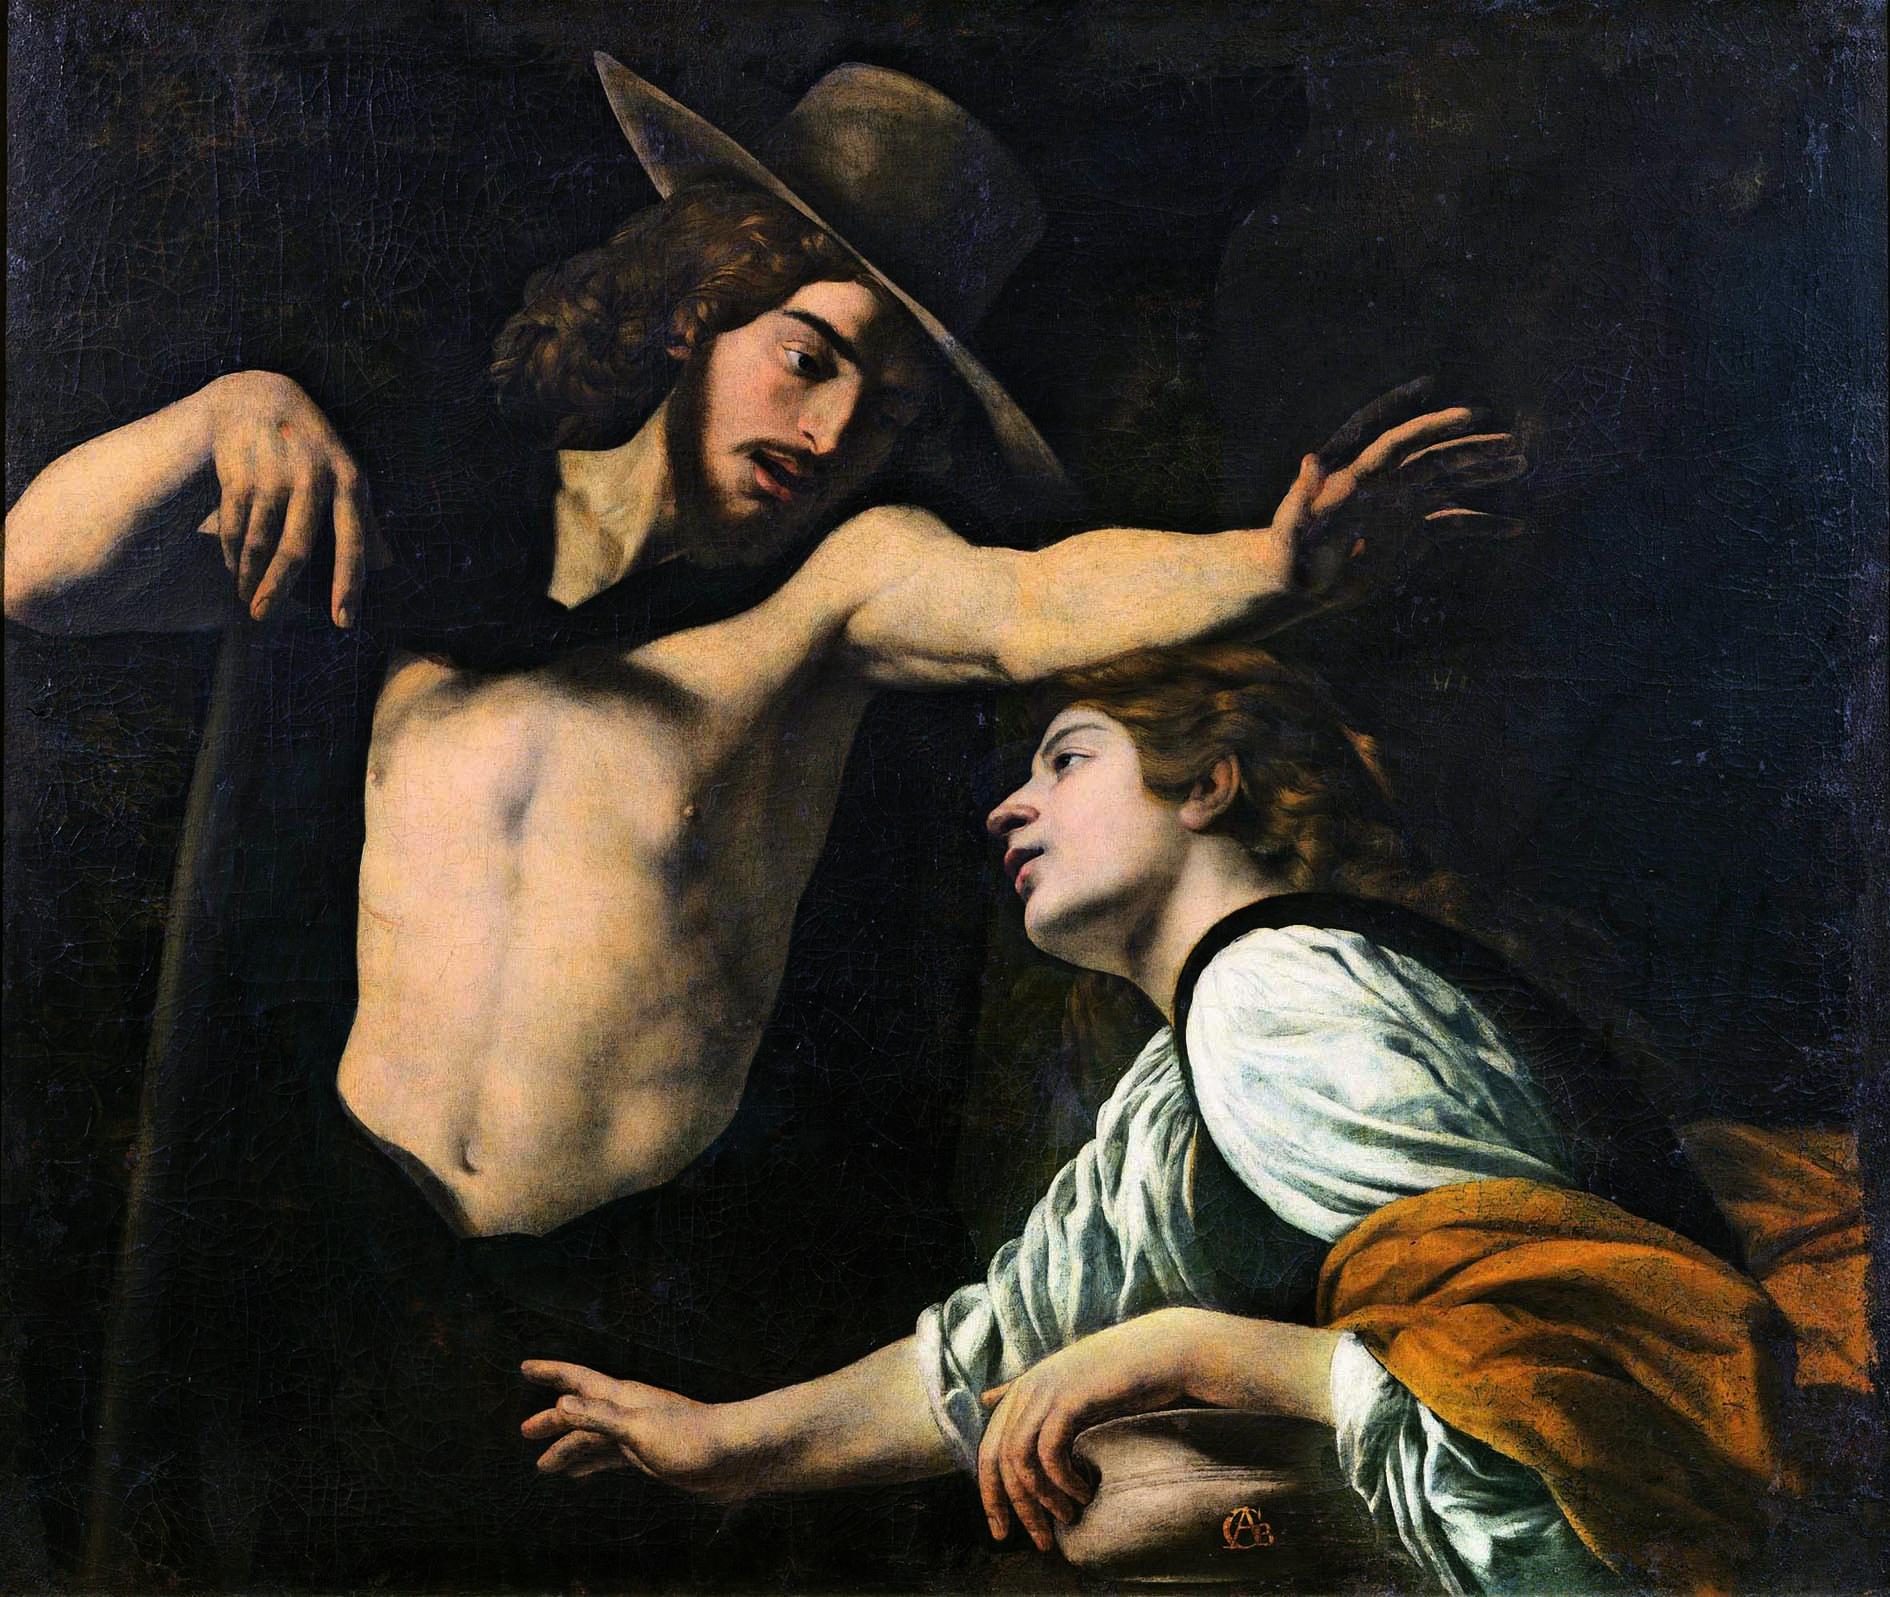 Dopo Caravaggio: a Prato una mostra sul Seicento napoletano in due collezioni toscane